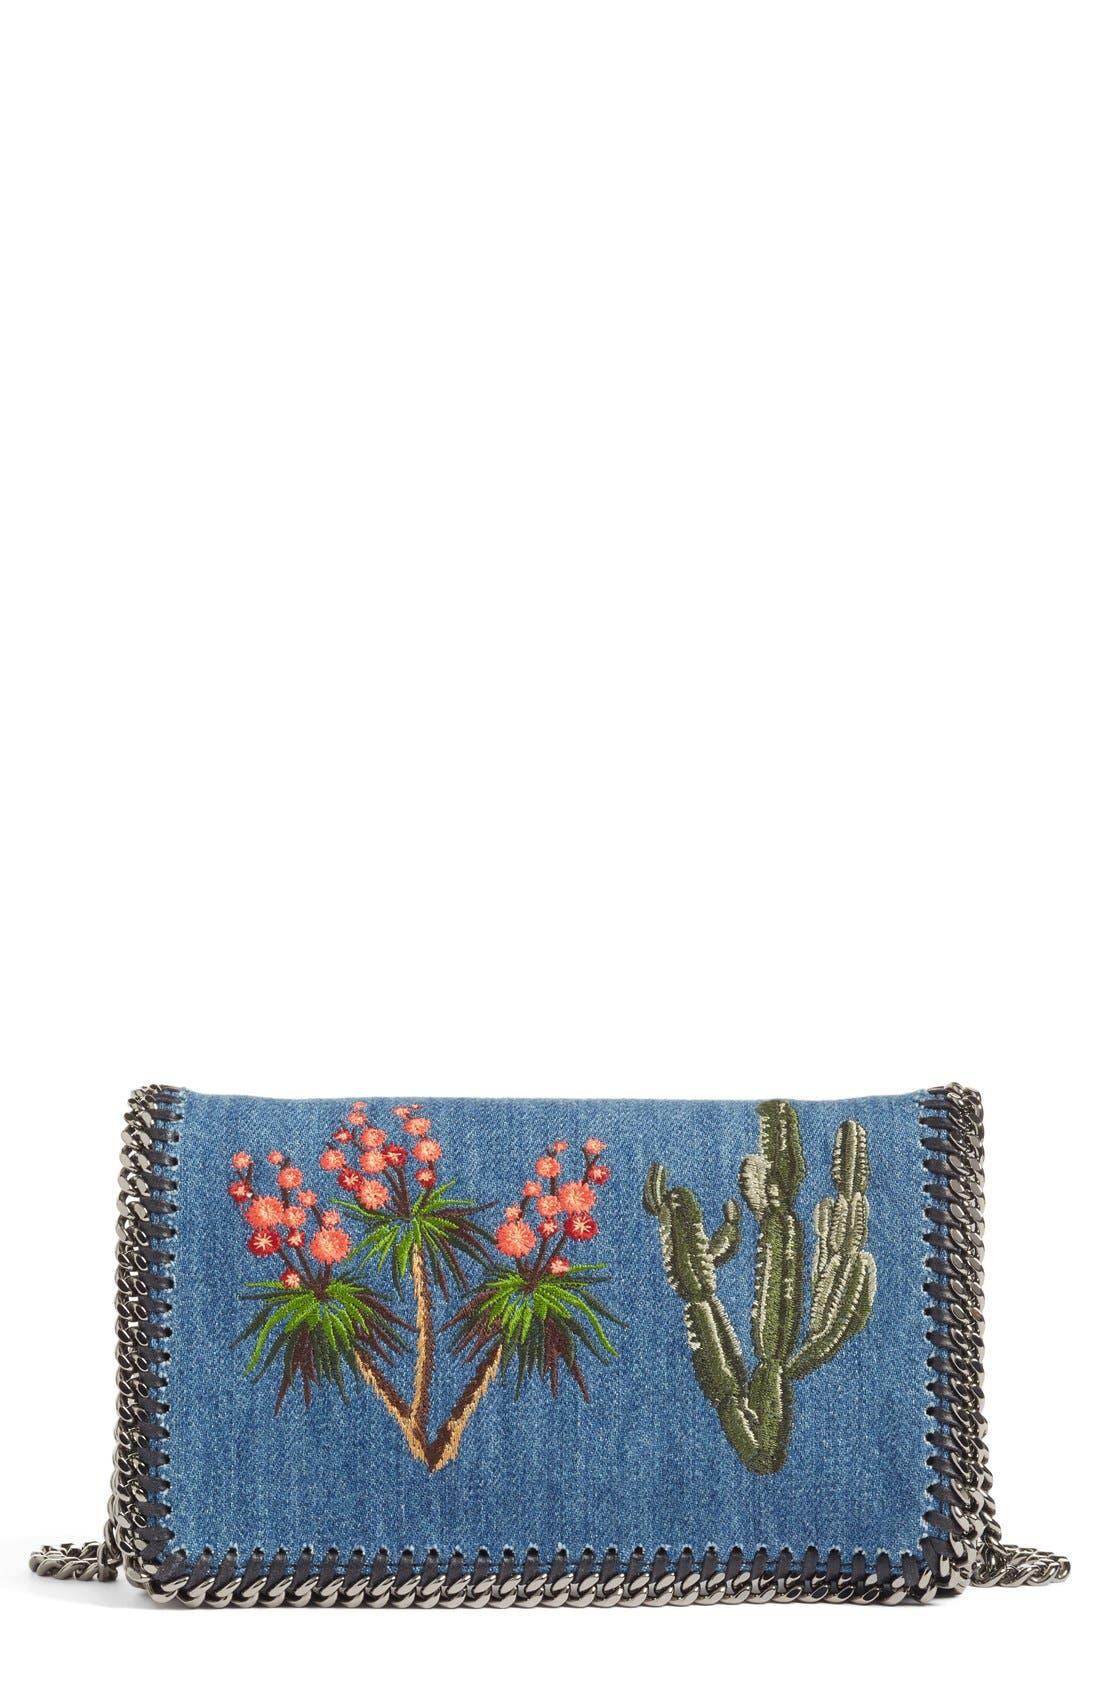 Alternate Image 1 Selected - Stella McCartney Embroidered Denim Shoulder Bag